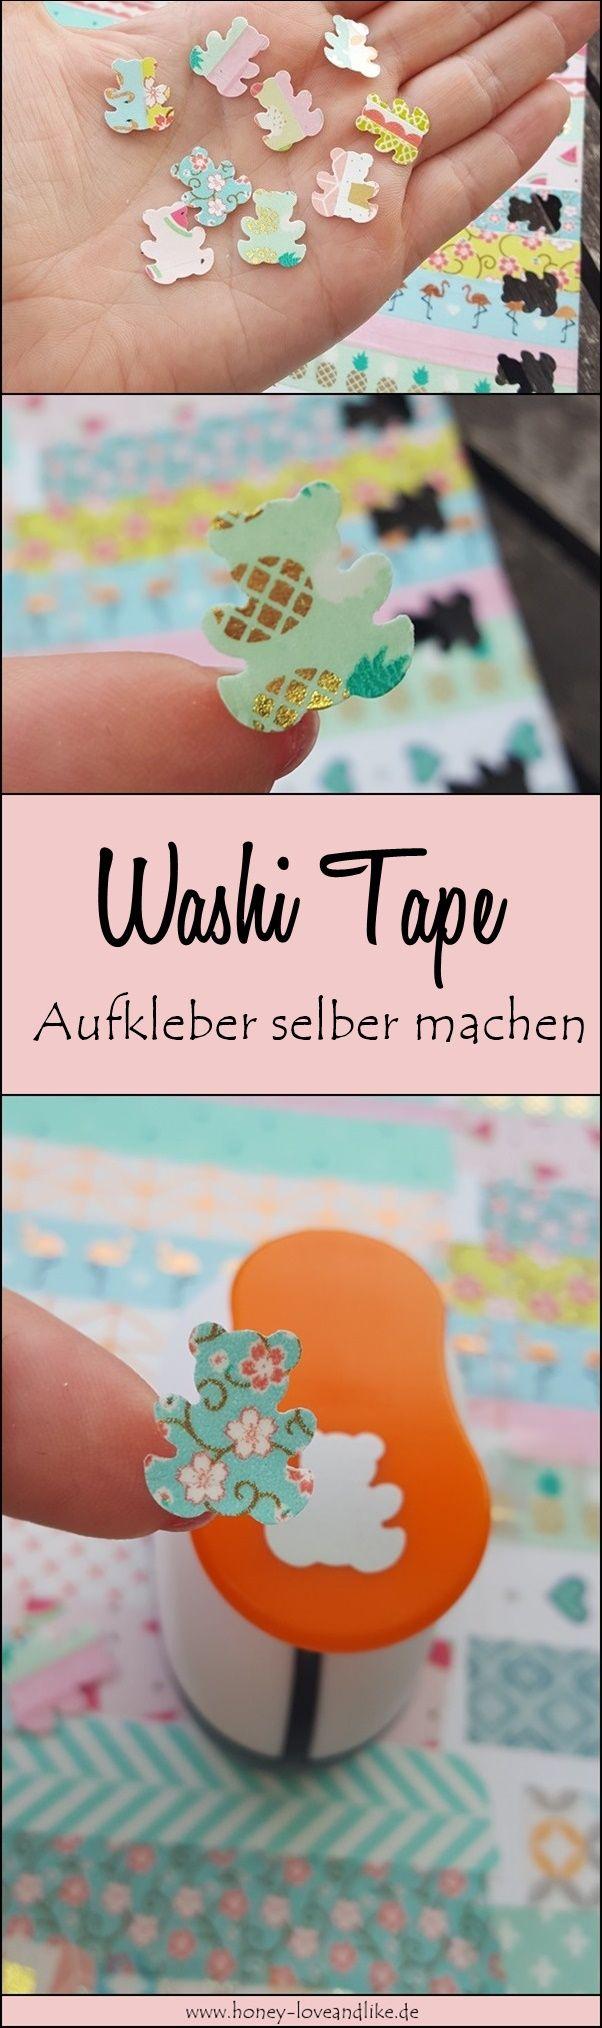 Aufkleber selber machen ist so easy peasy! Nimm einfach Washi Tape